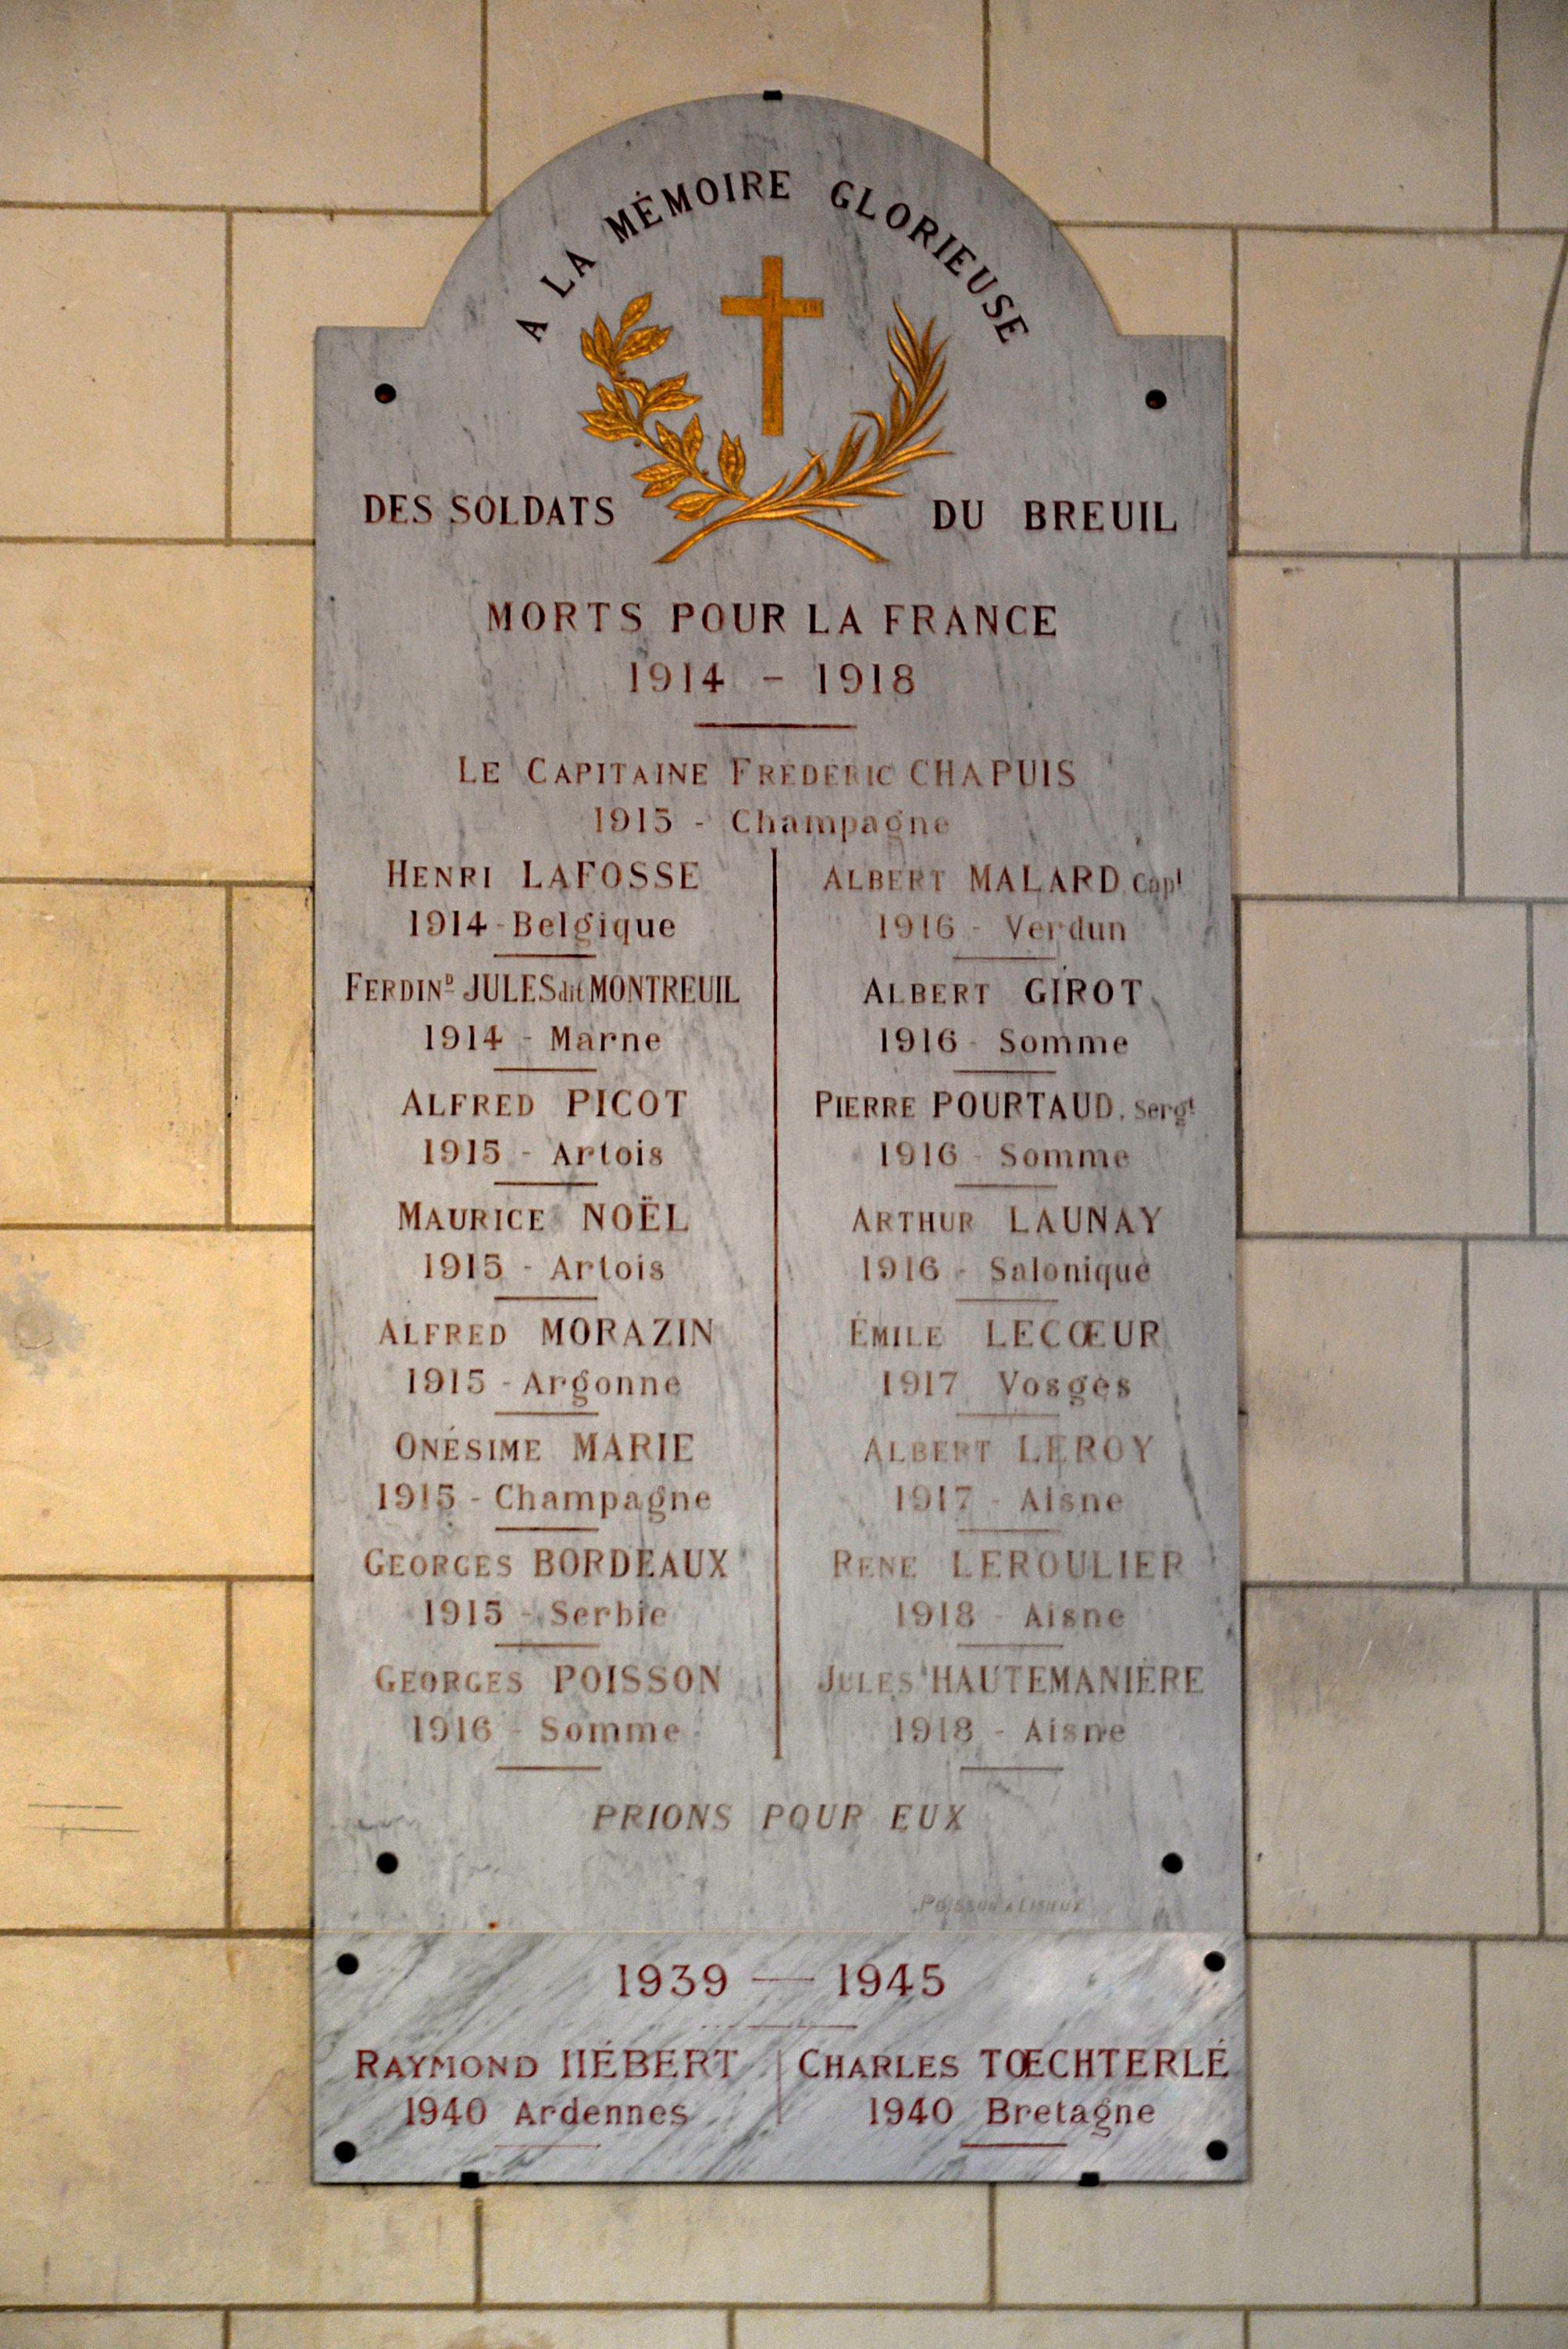 location noel 2018 belgique File:Église Saint Germain du Breuil en Auge. Plaque commémorative  location noel 2018 belgique